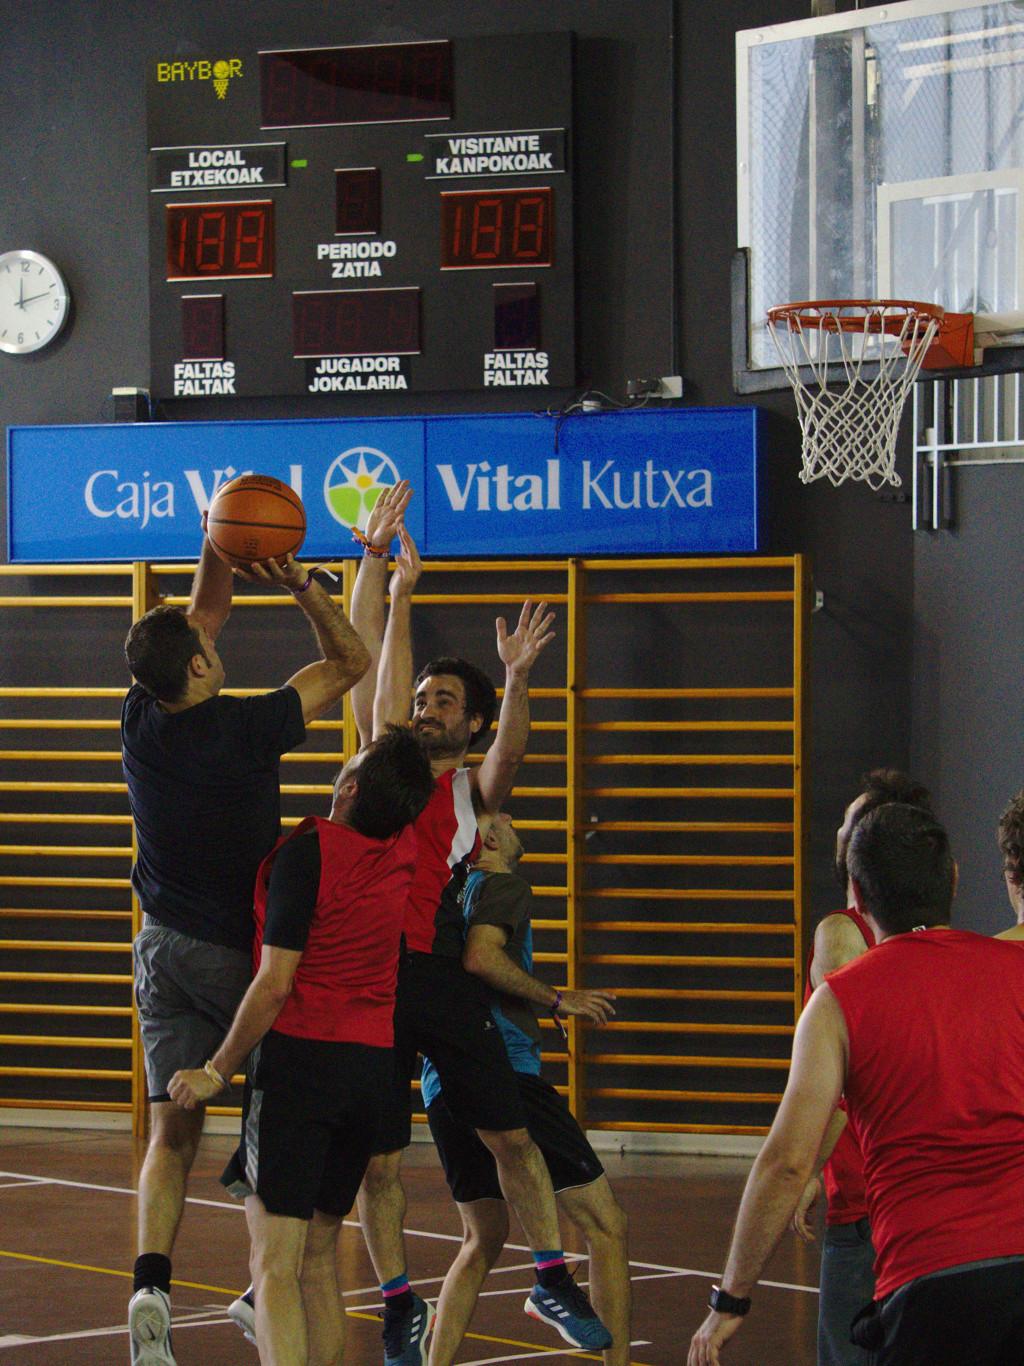 Pachanga De Basket ARF ¡ OTRO AÑO MAS ROCKET CAMPEÓN! - Página 11 Dsc02412